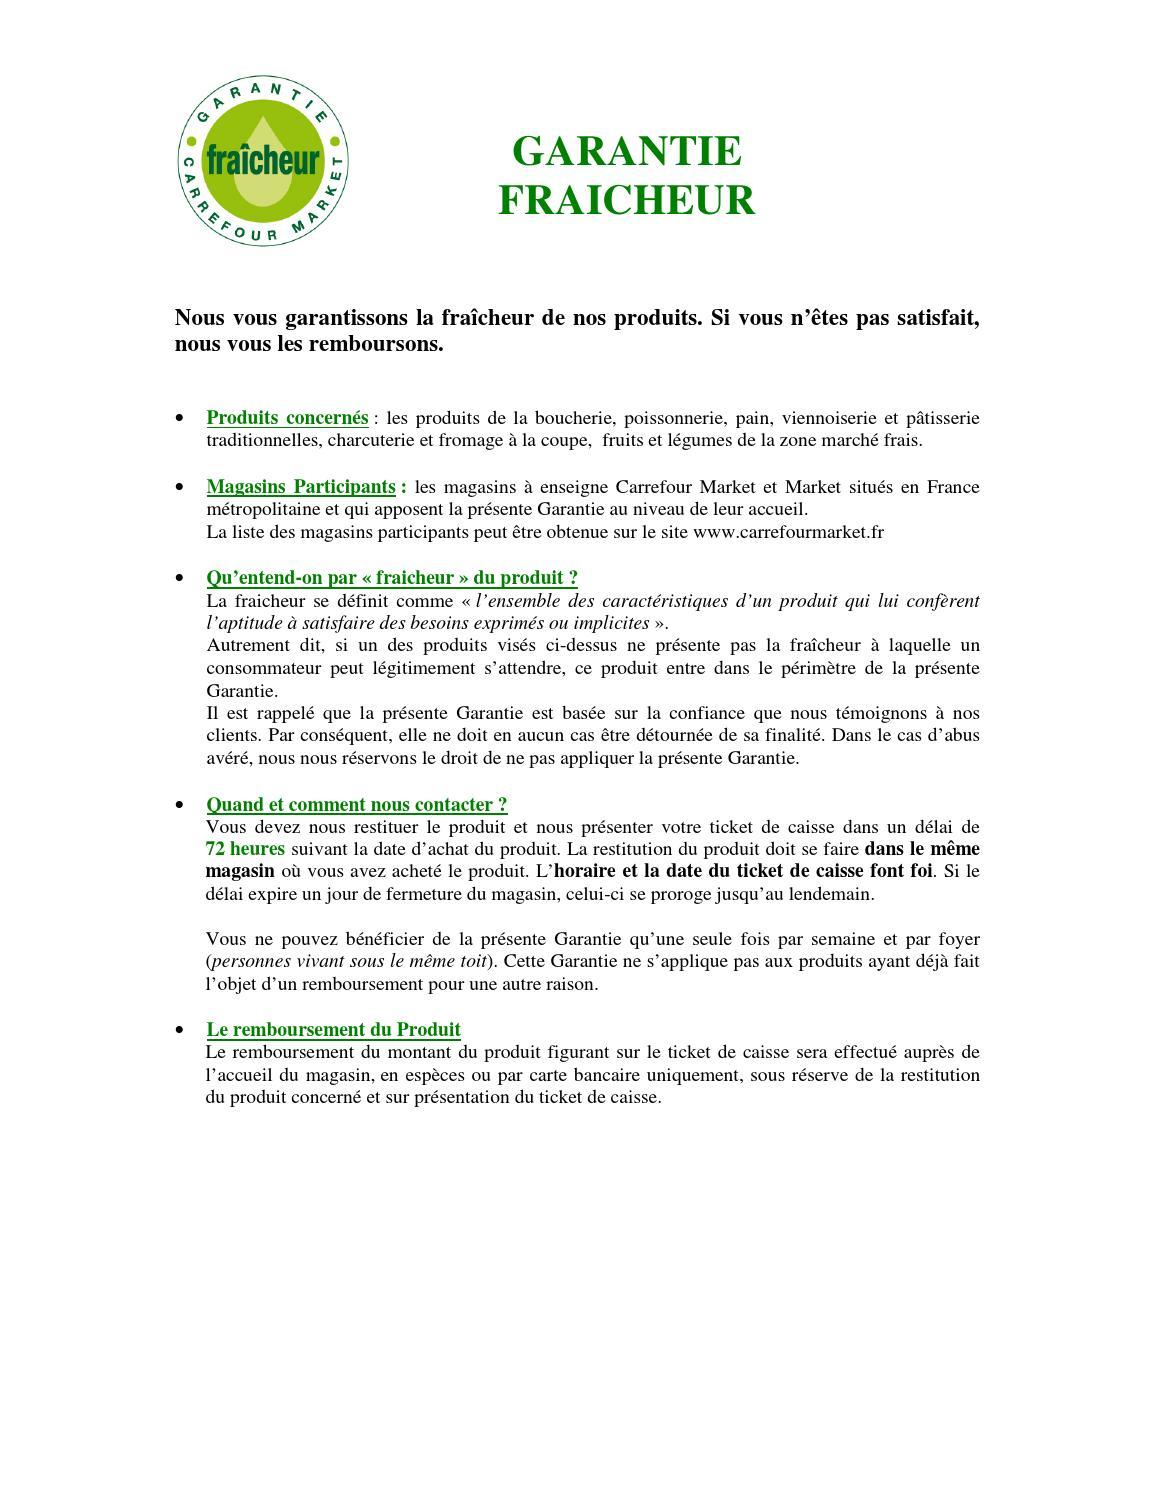 Carte Carrefour Ticket De Caisse.Garantie Fraicheur Carrefour Market By Anti Crise Fr Issuu